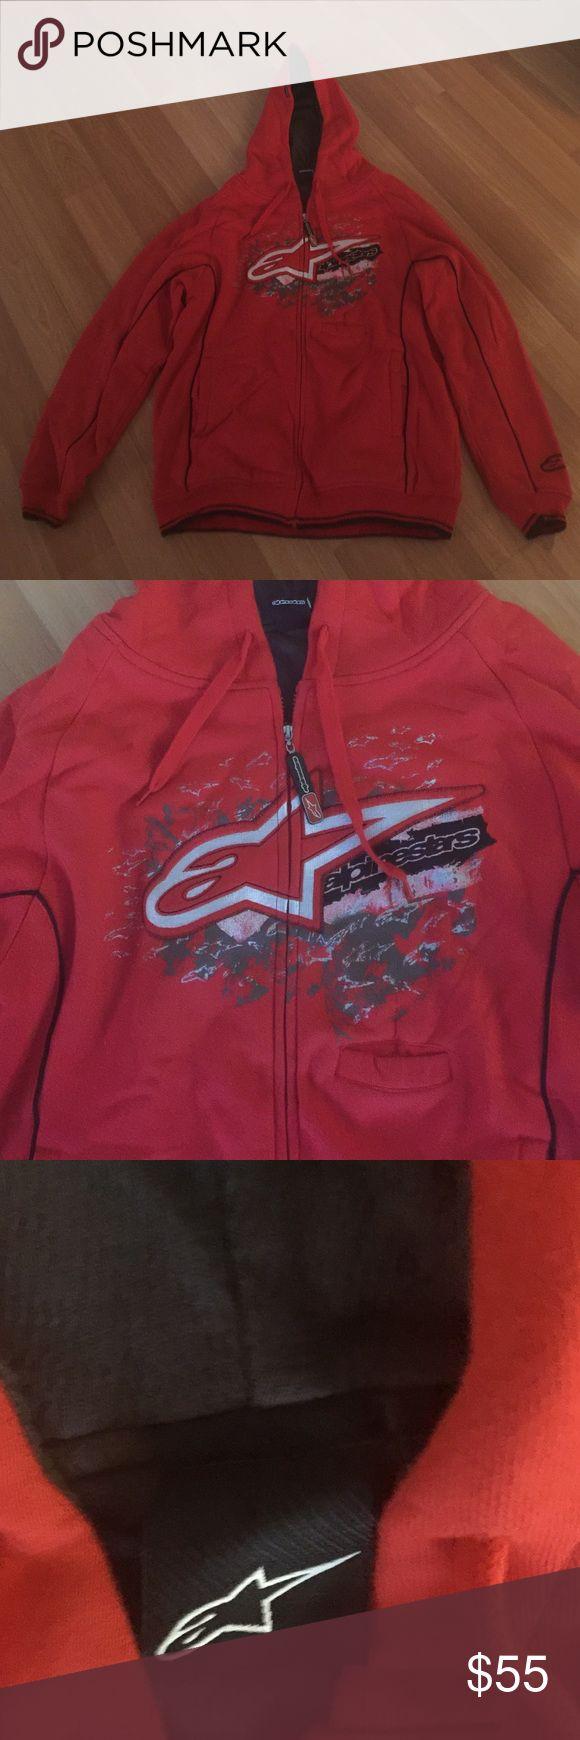 Men's Alpinestars red zip up fleece hoody Men's Alpinestars red zip up fleece hoody motocross sweatshirt Alpinestars Sweaters Zip Up